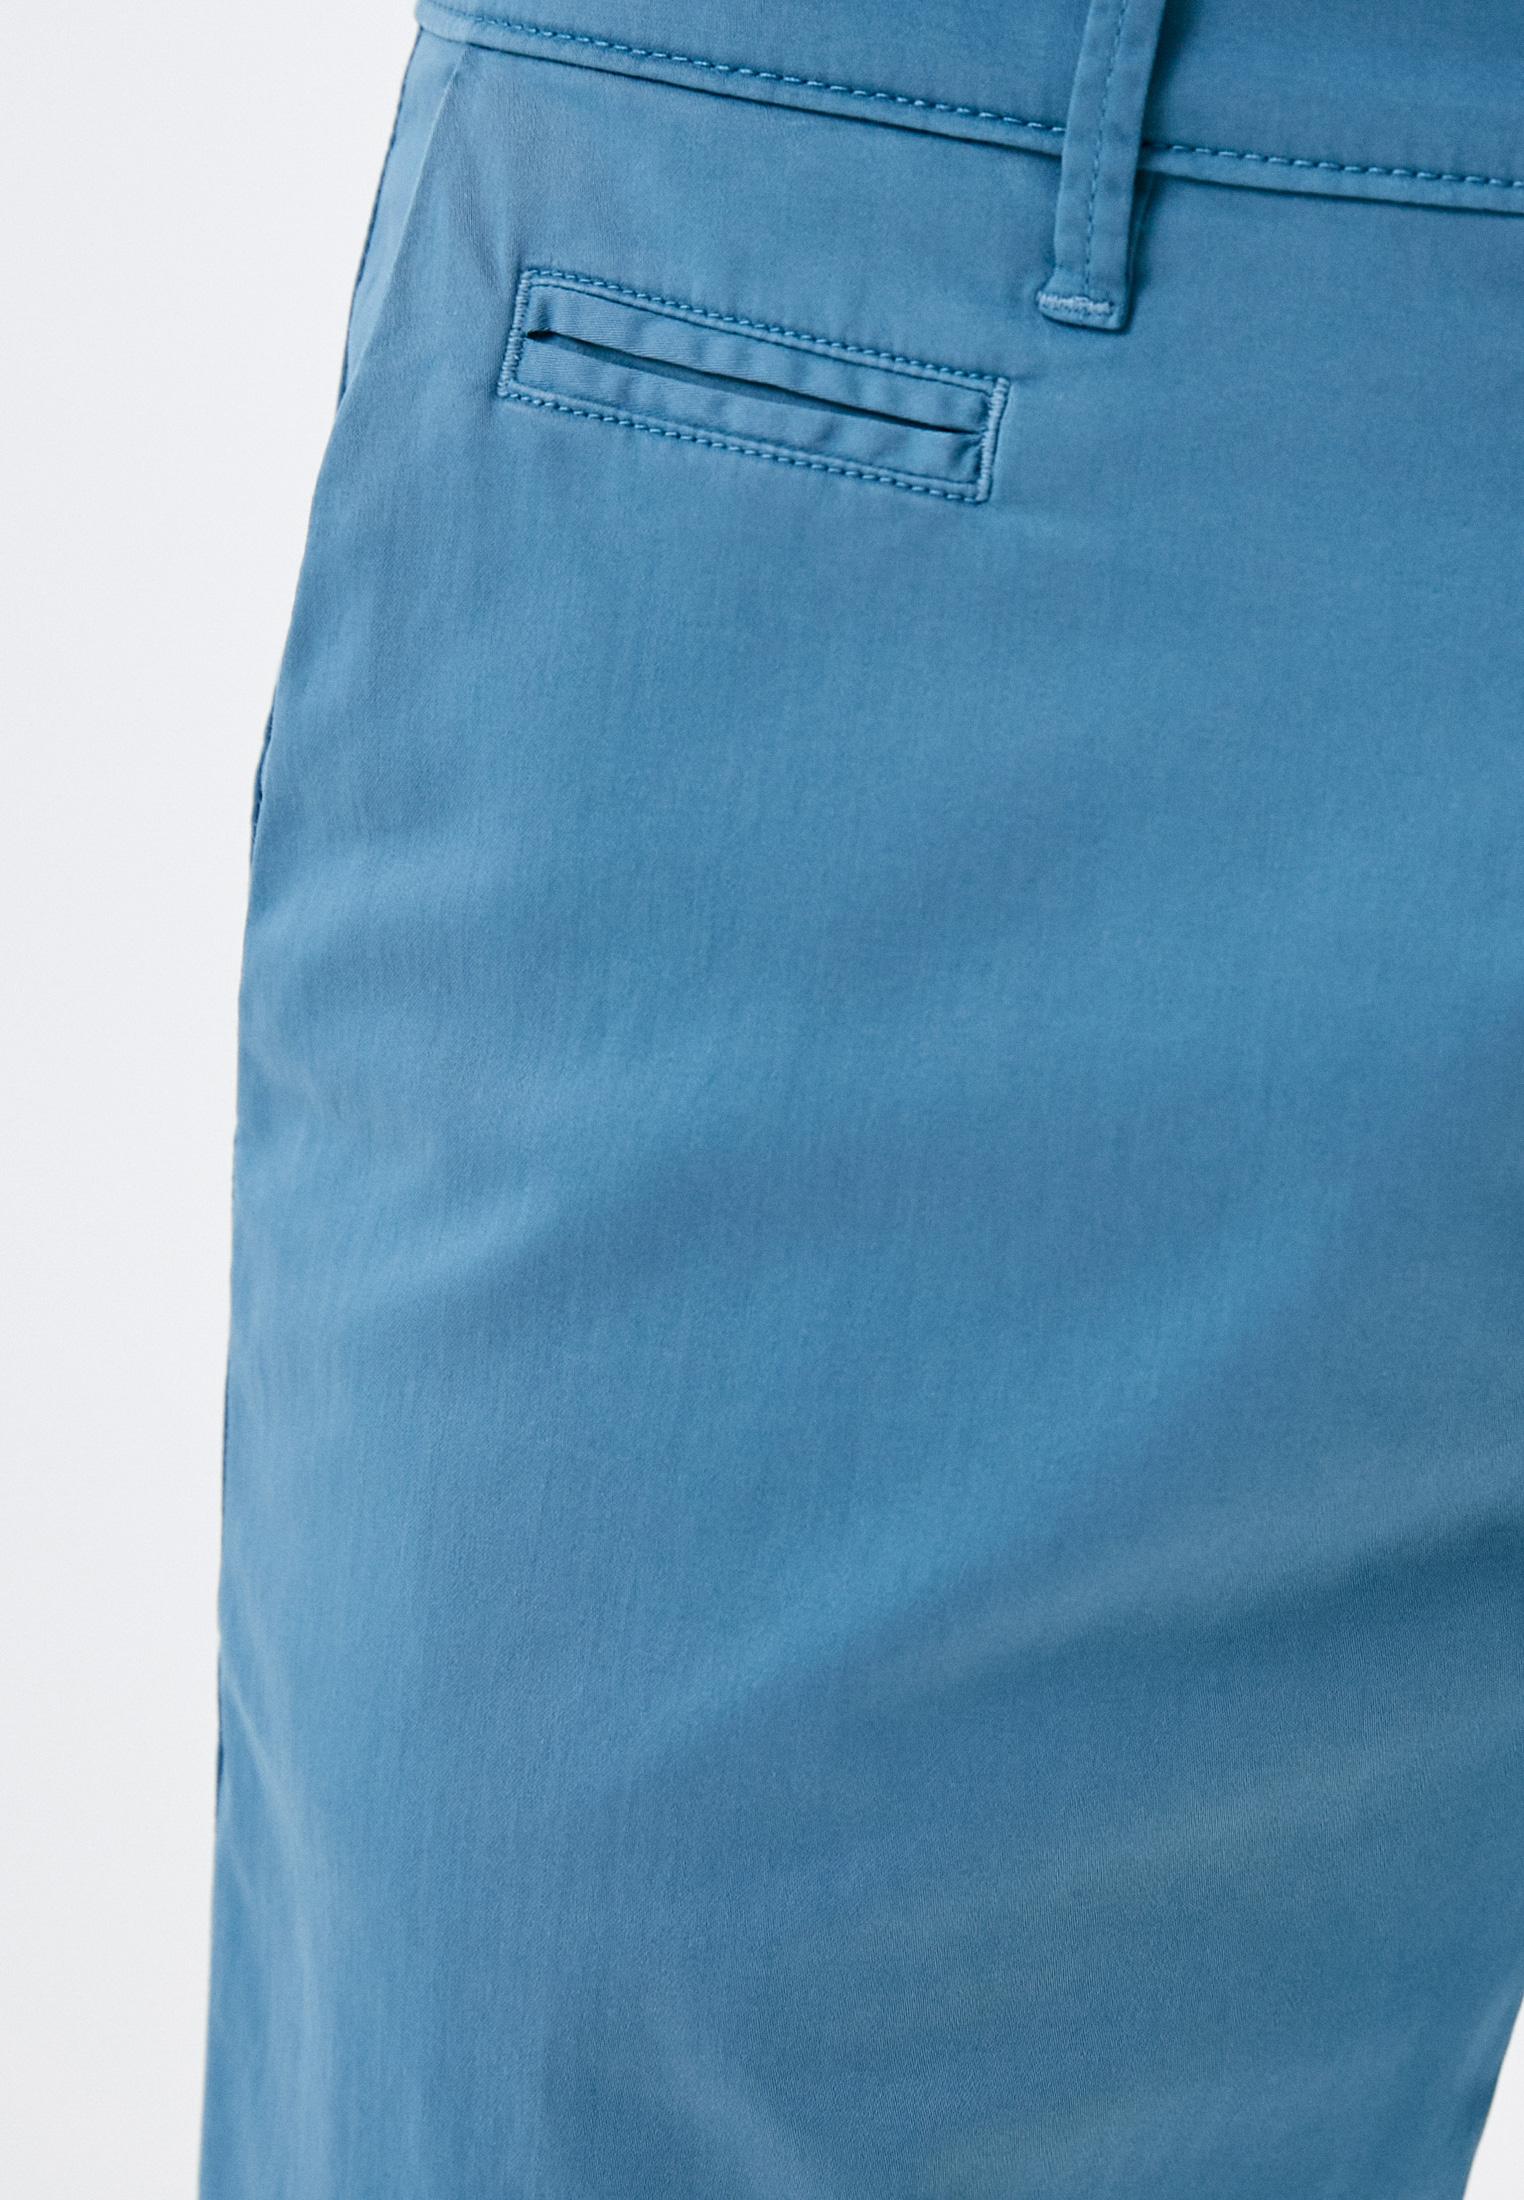 Мужские повседневные шорты Pierre Cardin (Пьер Кардин) 03465/000/02080/66: изображение 4